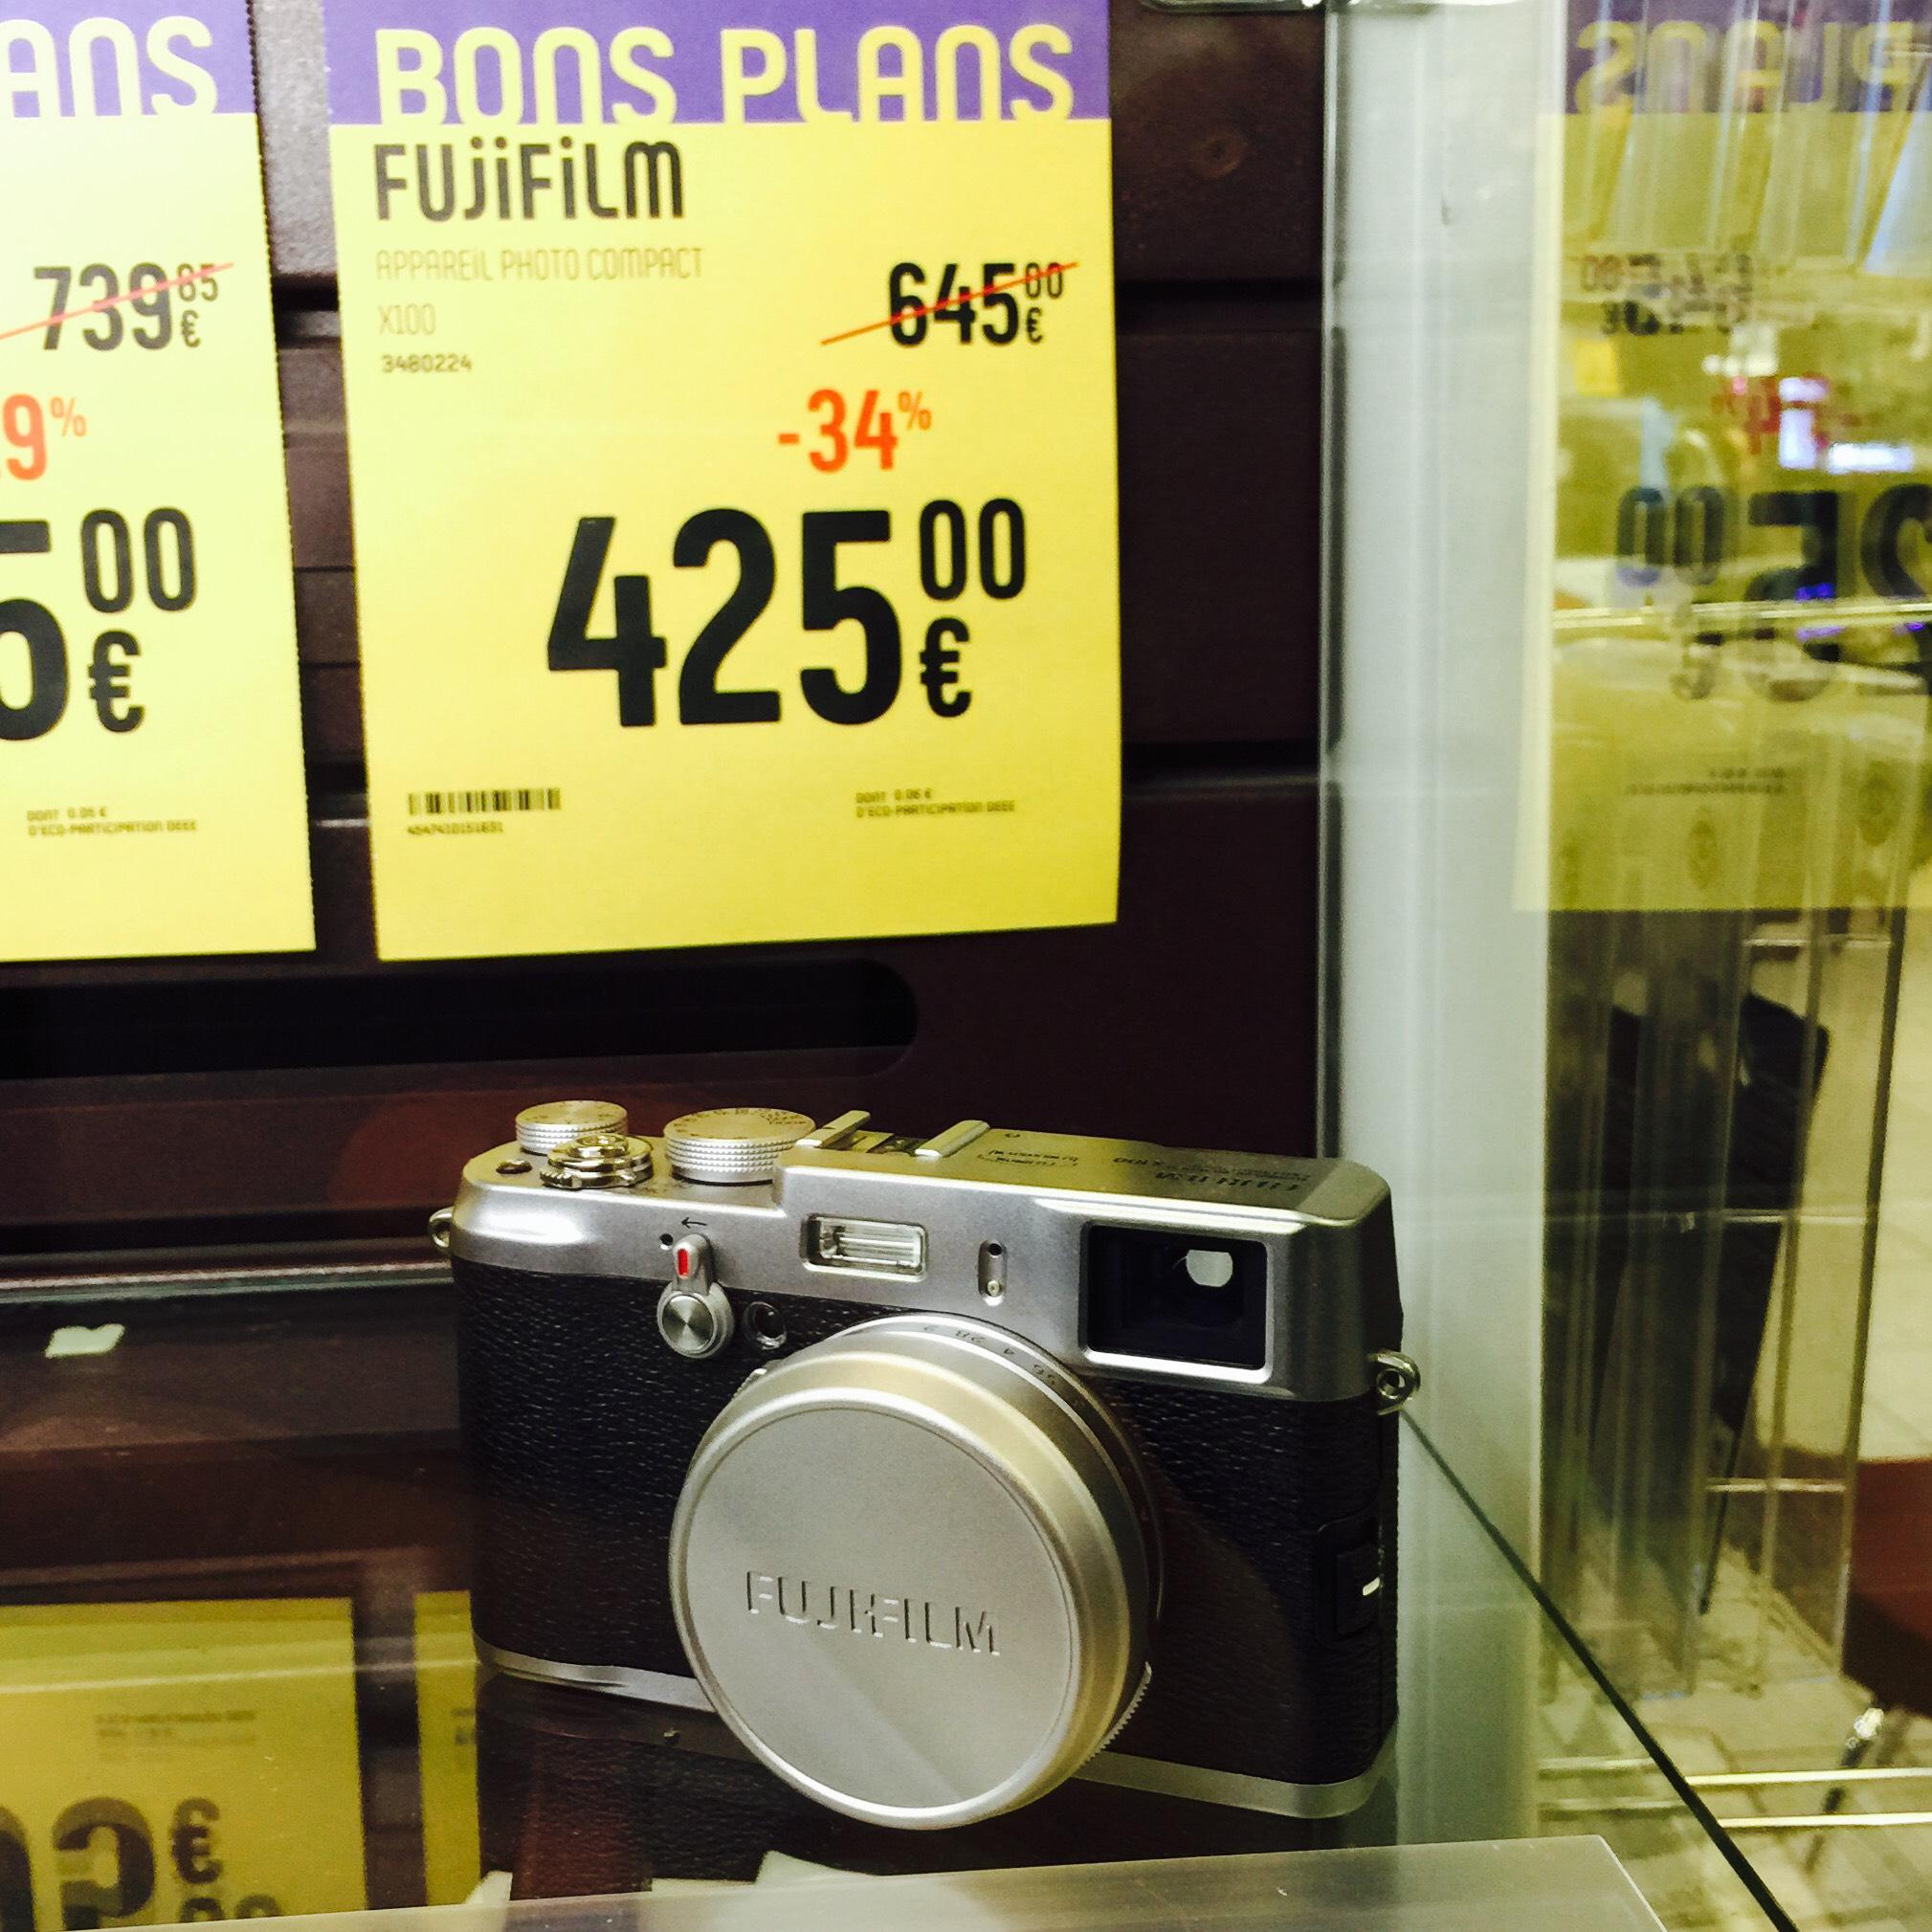 Appareil photo compact Fujifilm X100 eq. 35mm f2 (capteur APS-C, viseur optique...)